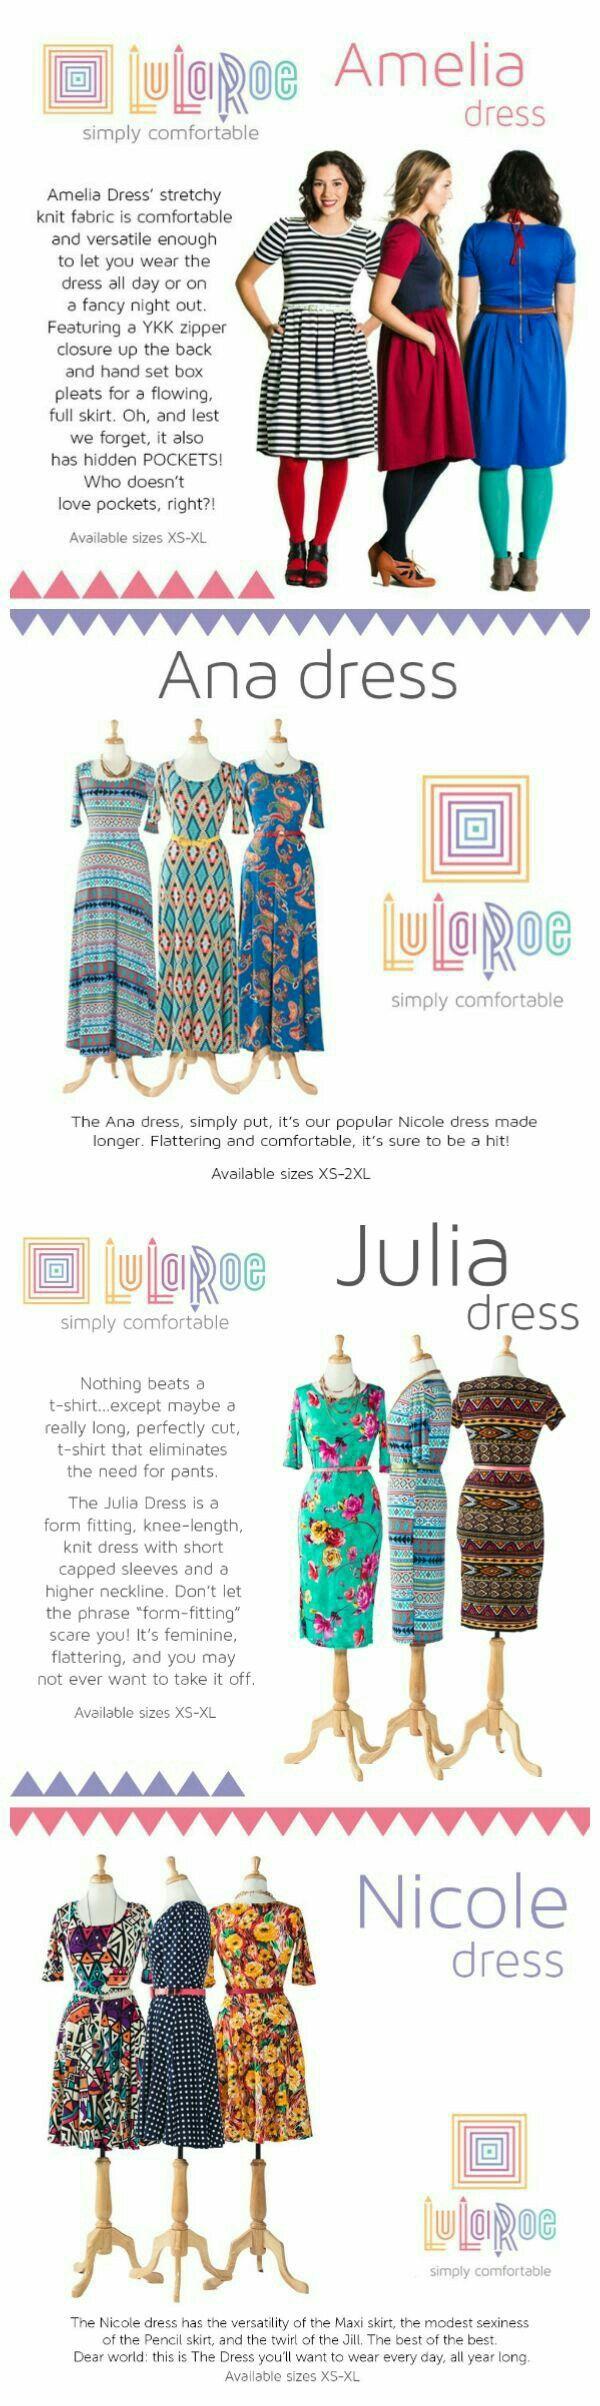 Lularoe Julia amelia dresses carly nicole ana